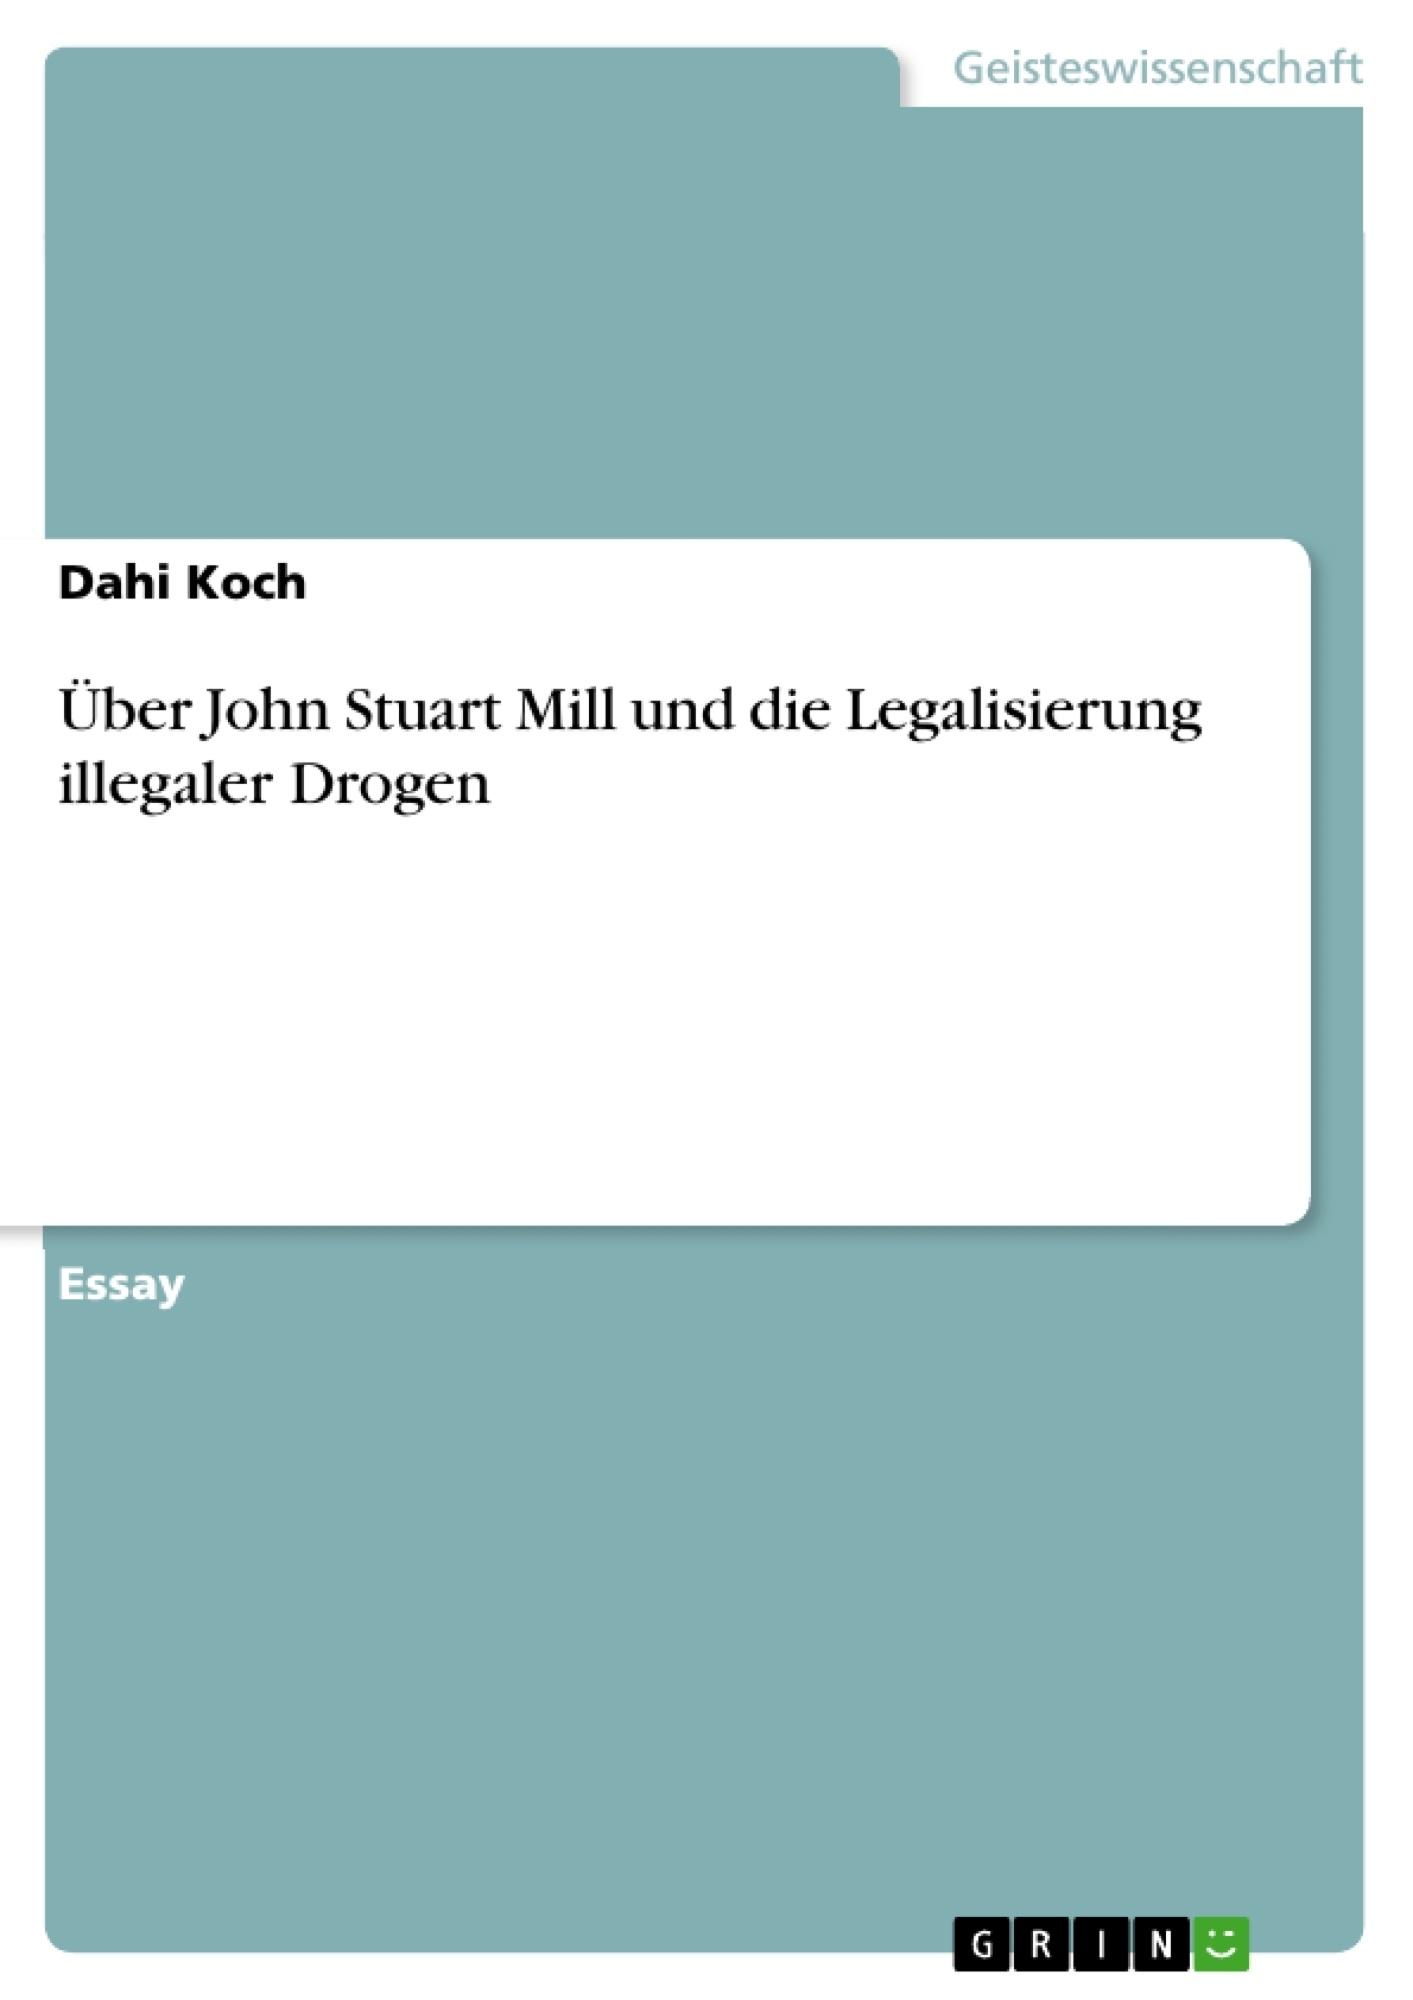 Titel: Über John Stuart Mill und die Legalisierung illegaler Drogen